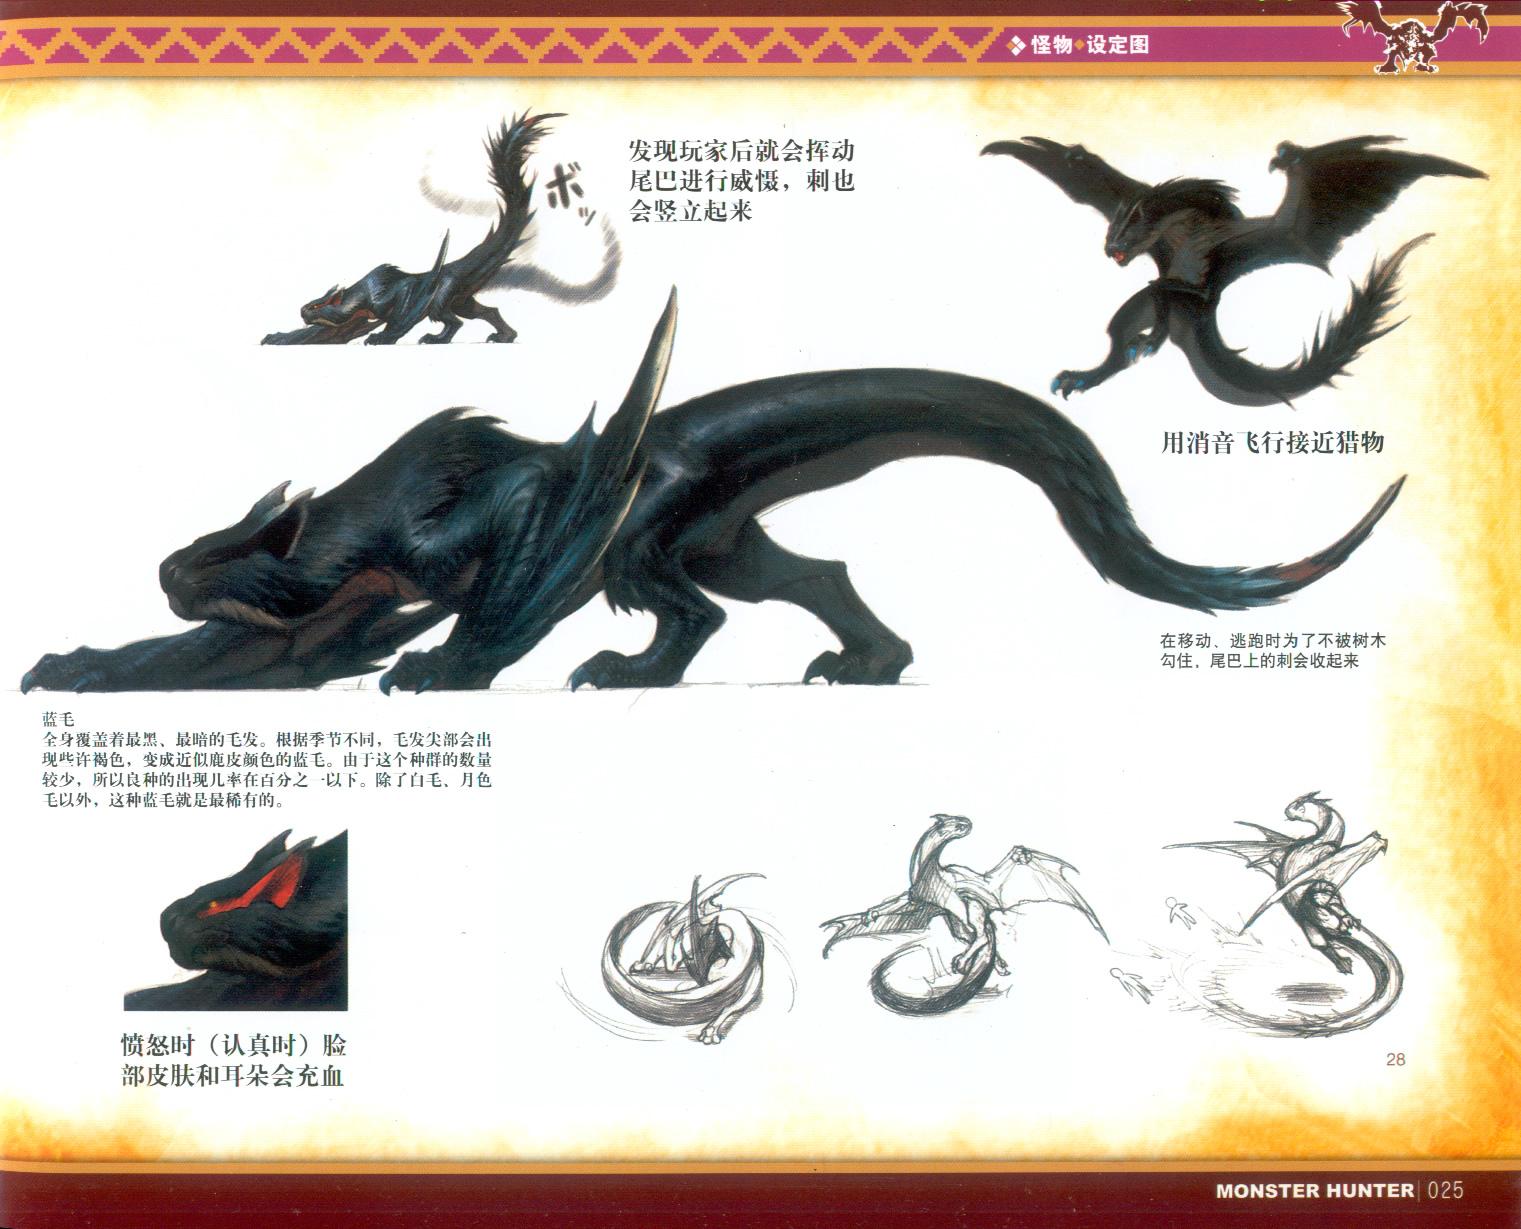 025_关注-游艺网GAME798海量资源下载怪物猎人终极画集.jpg